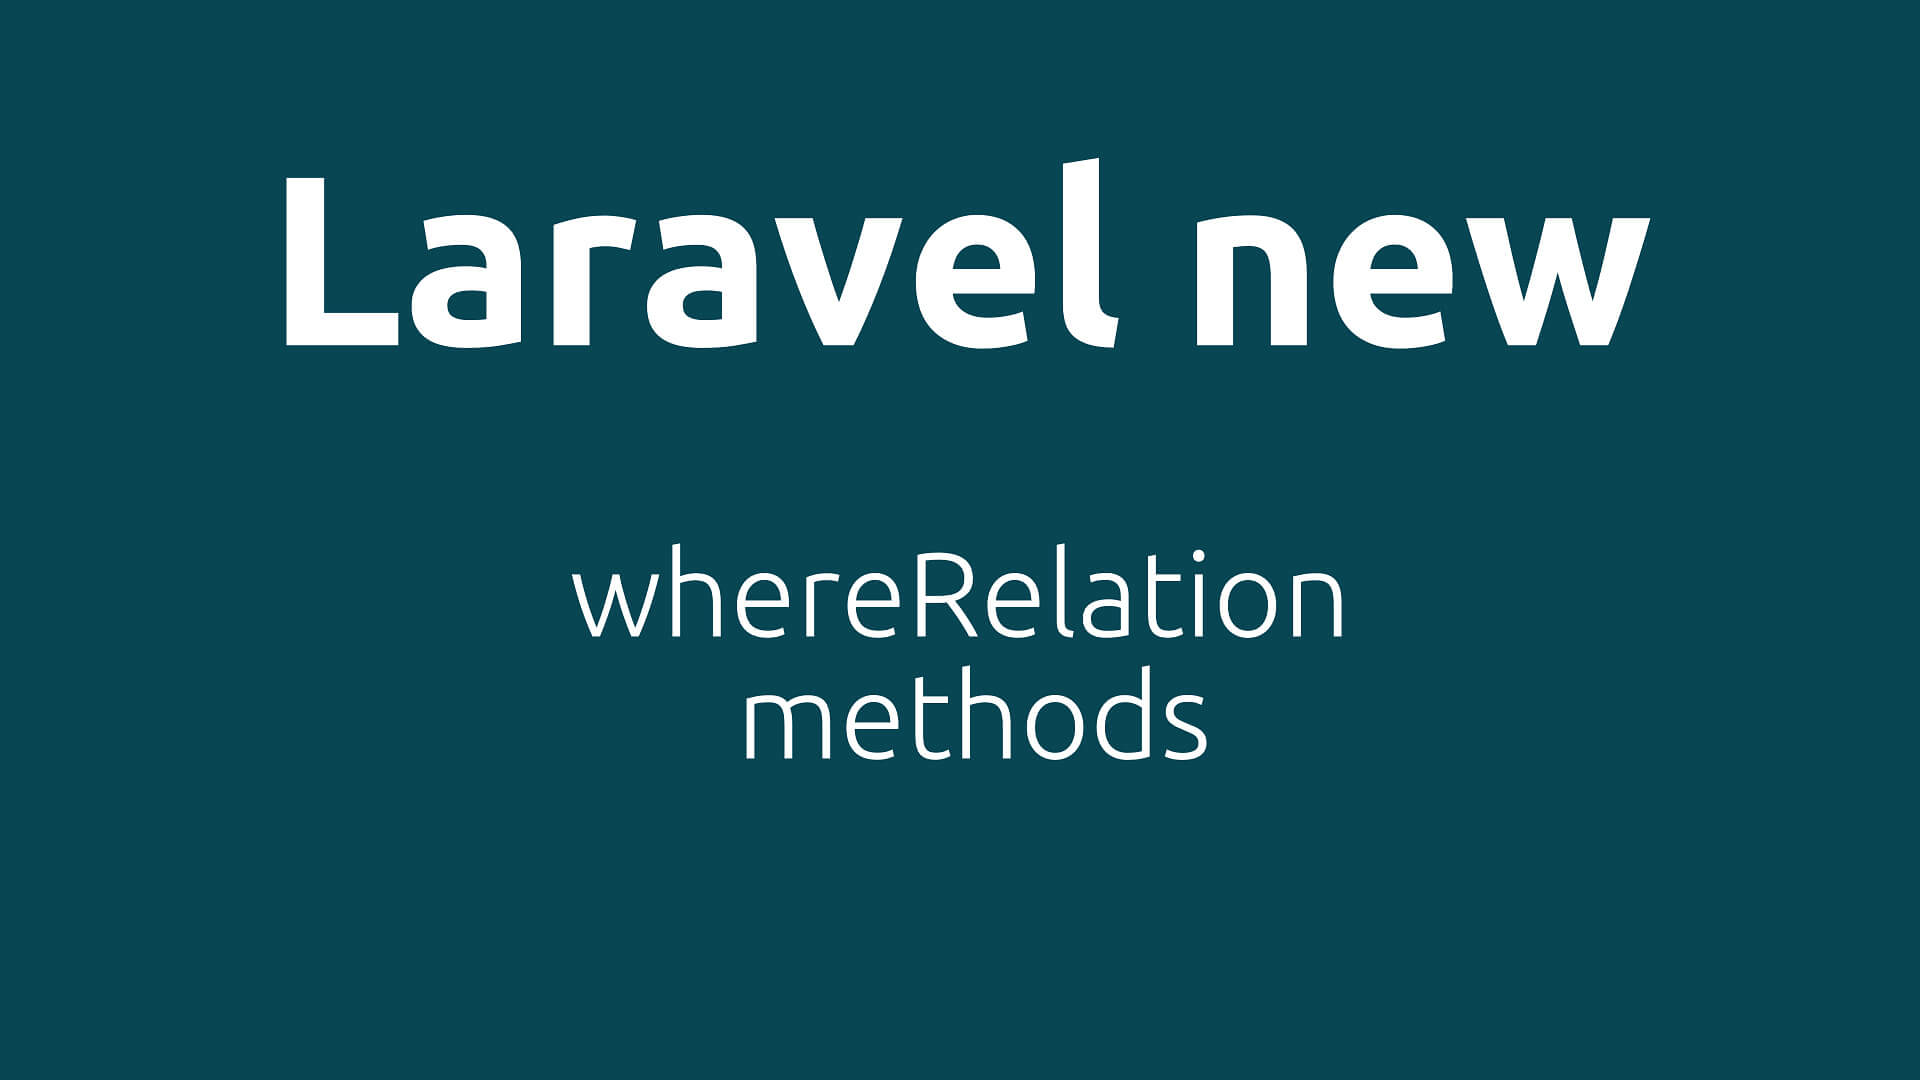 Laravel new Relation methods